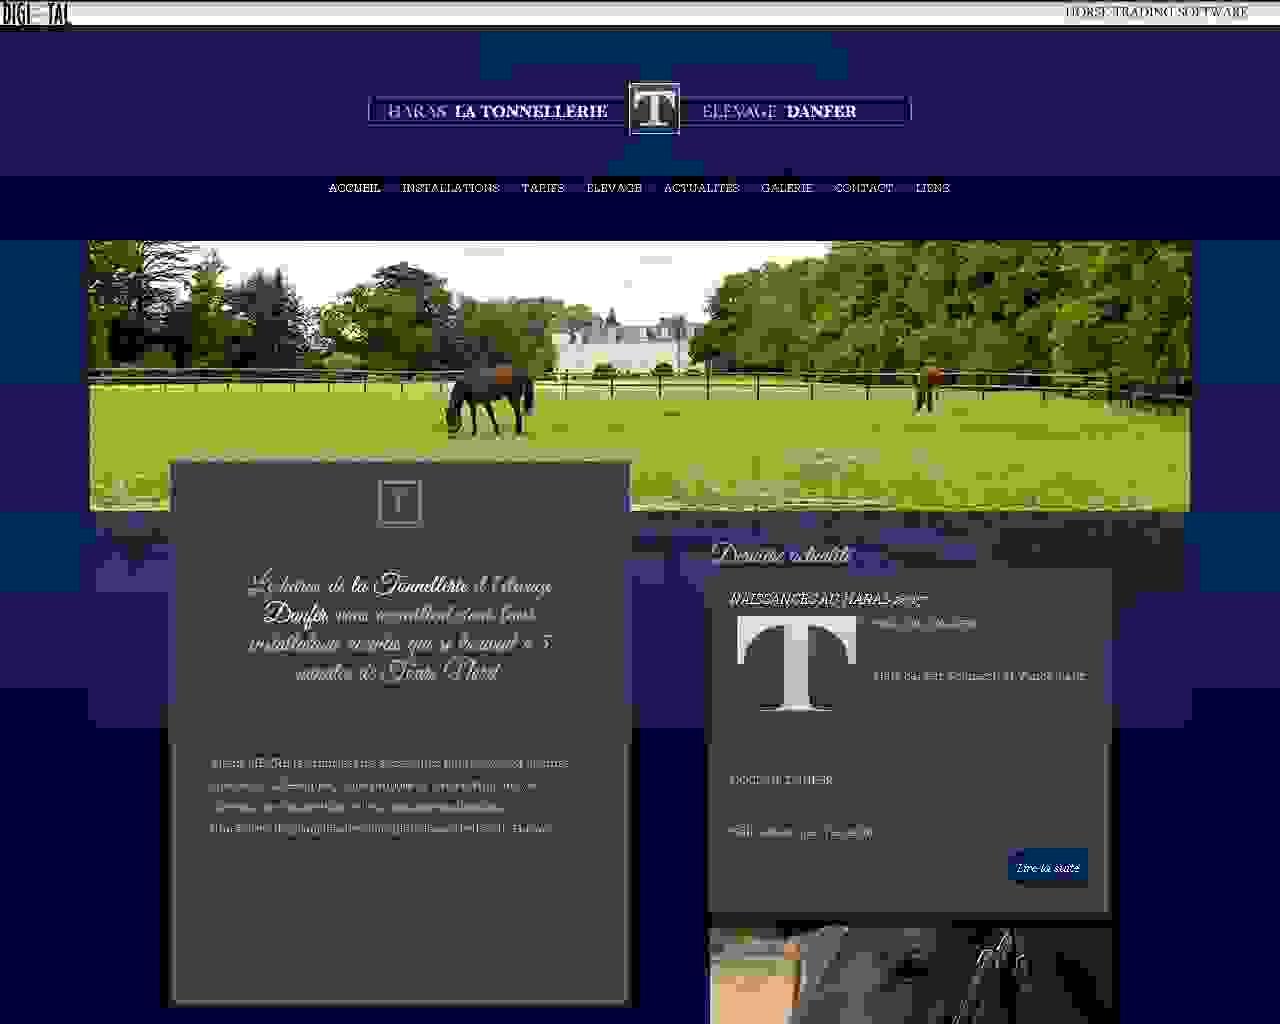 Visuel du site Haras la Tonnellerie